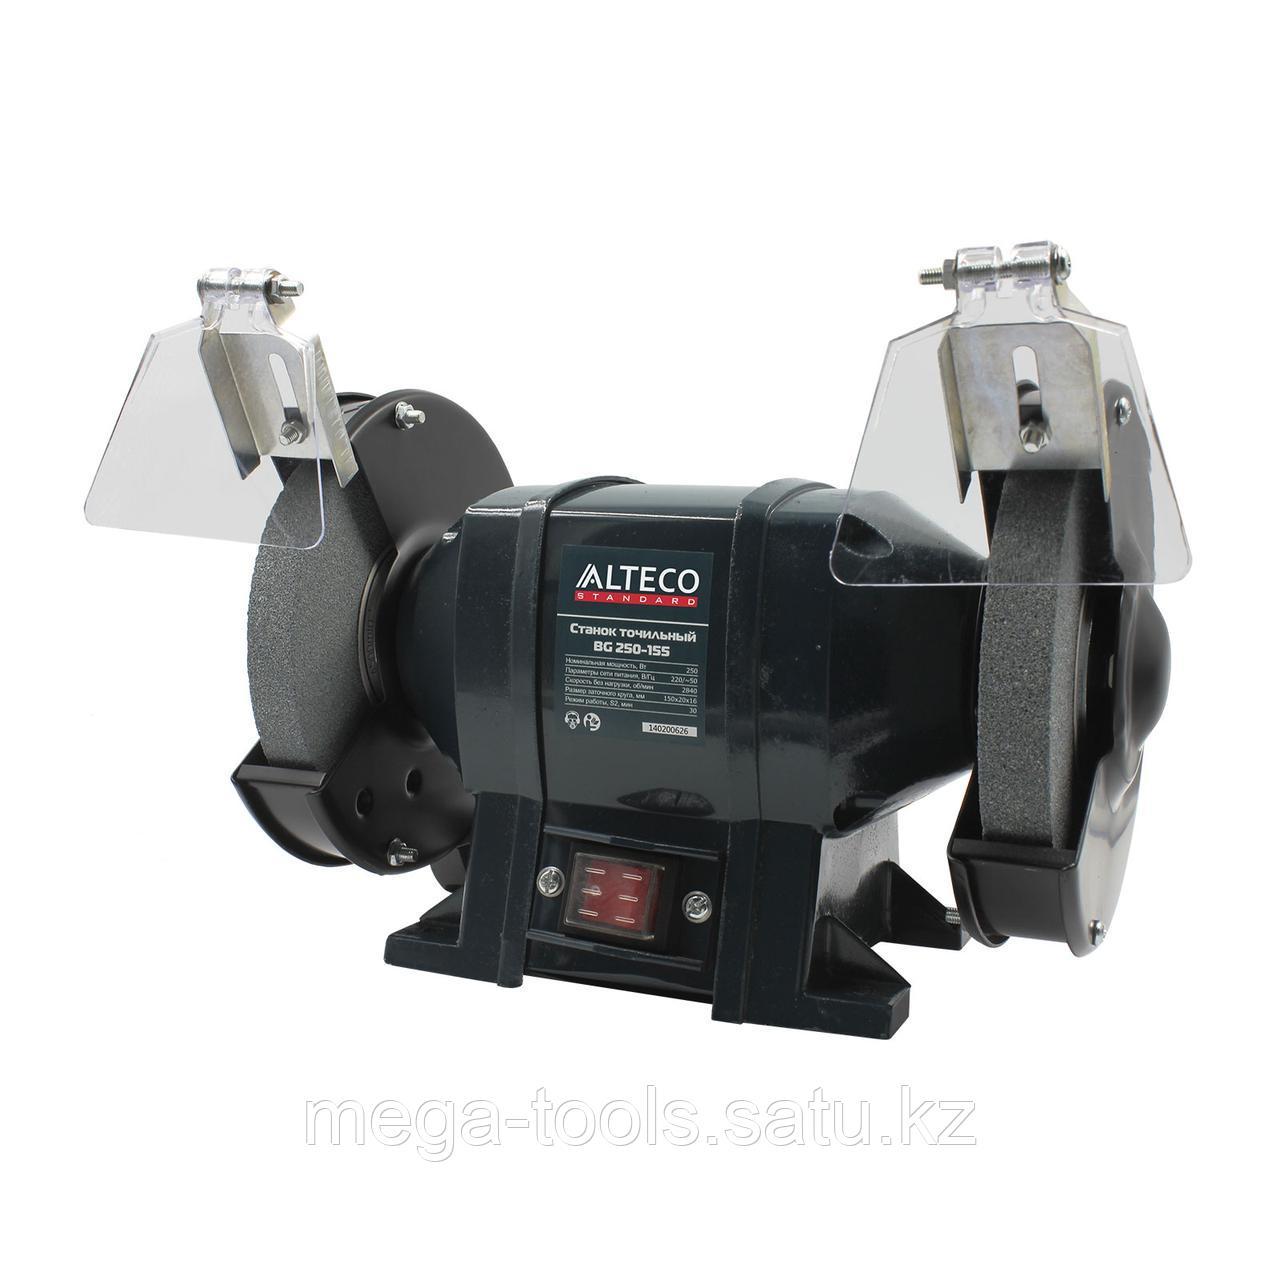 Станок точильный ALTECO BG 350-200